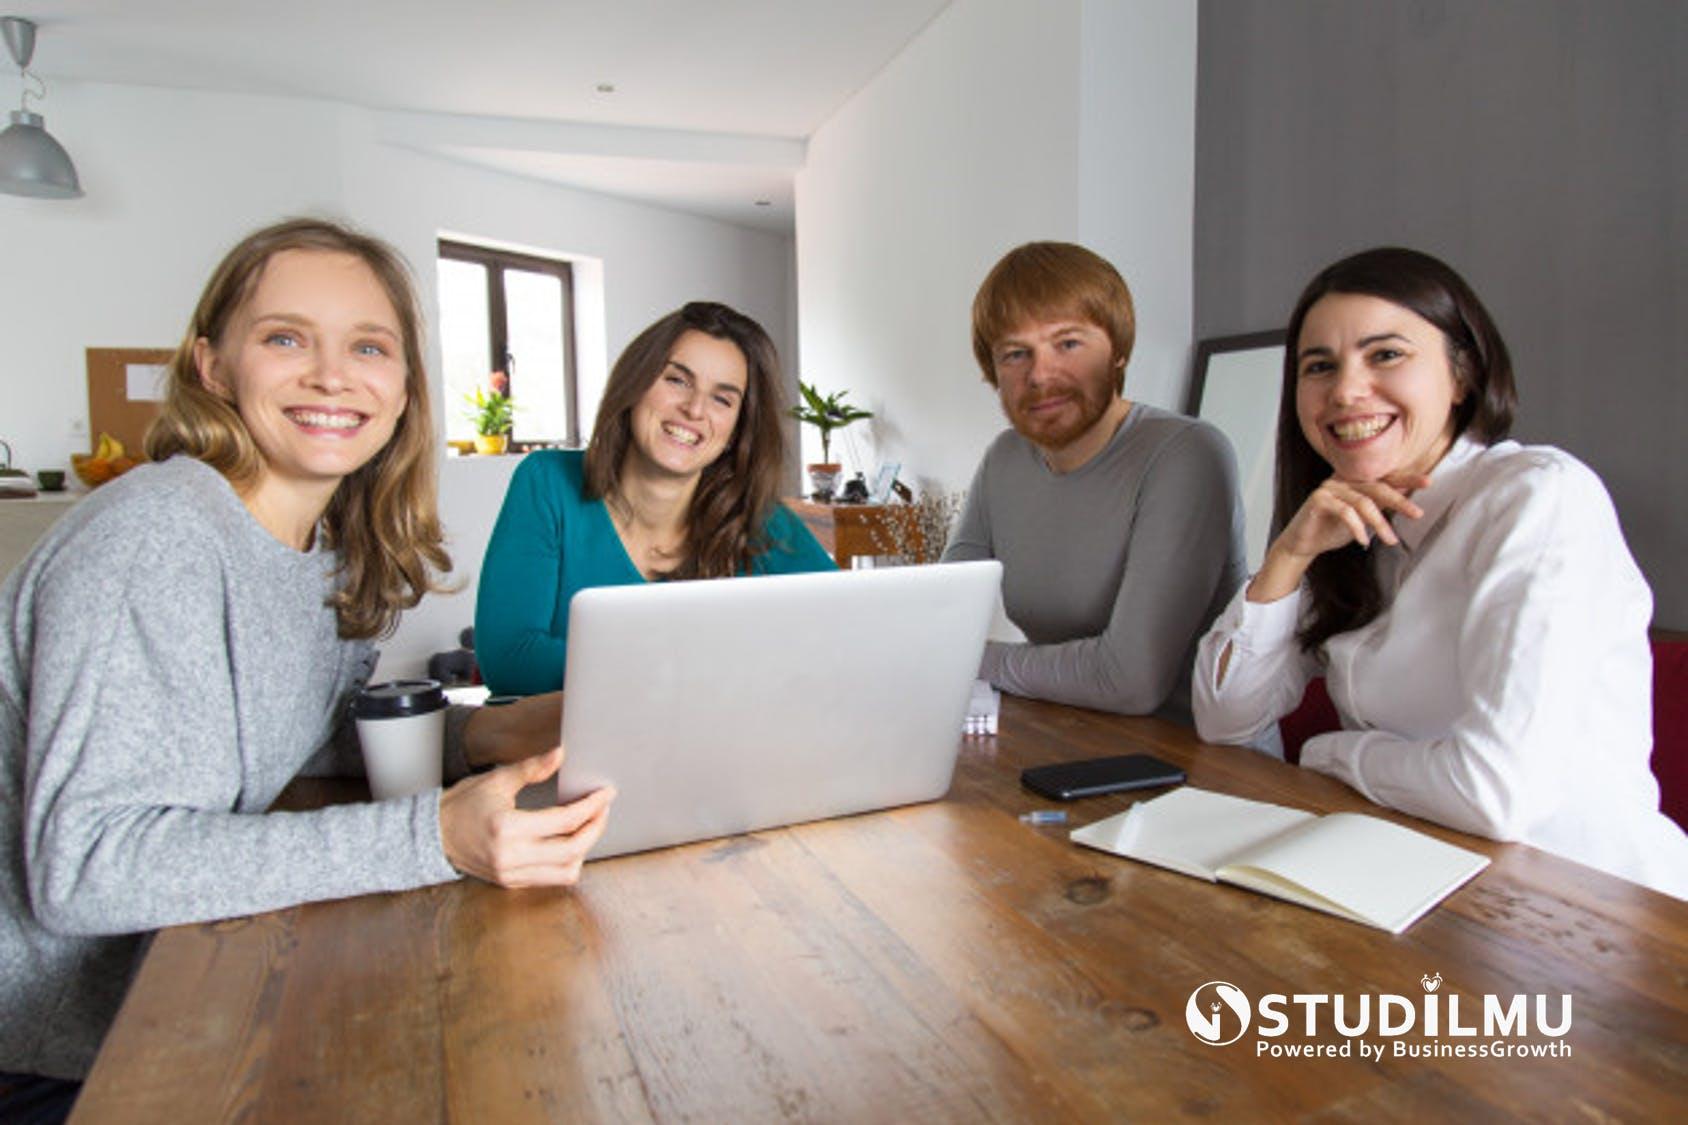 STUDILMU Career Advice - Cara Berkomunikasi Efektif dengan Seseorang Dari Hasil Tes DISC